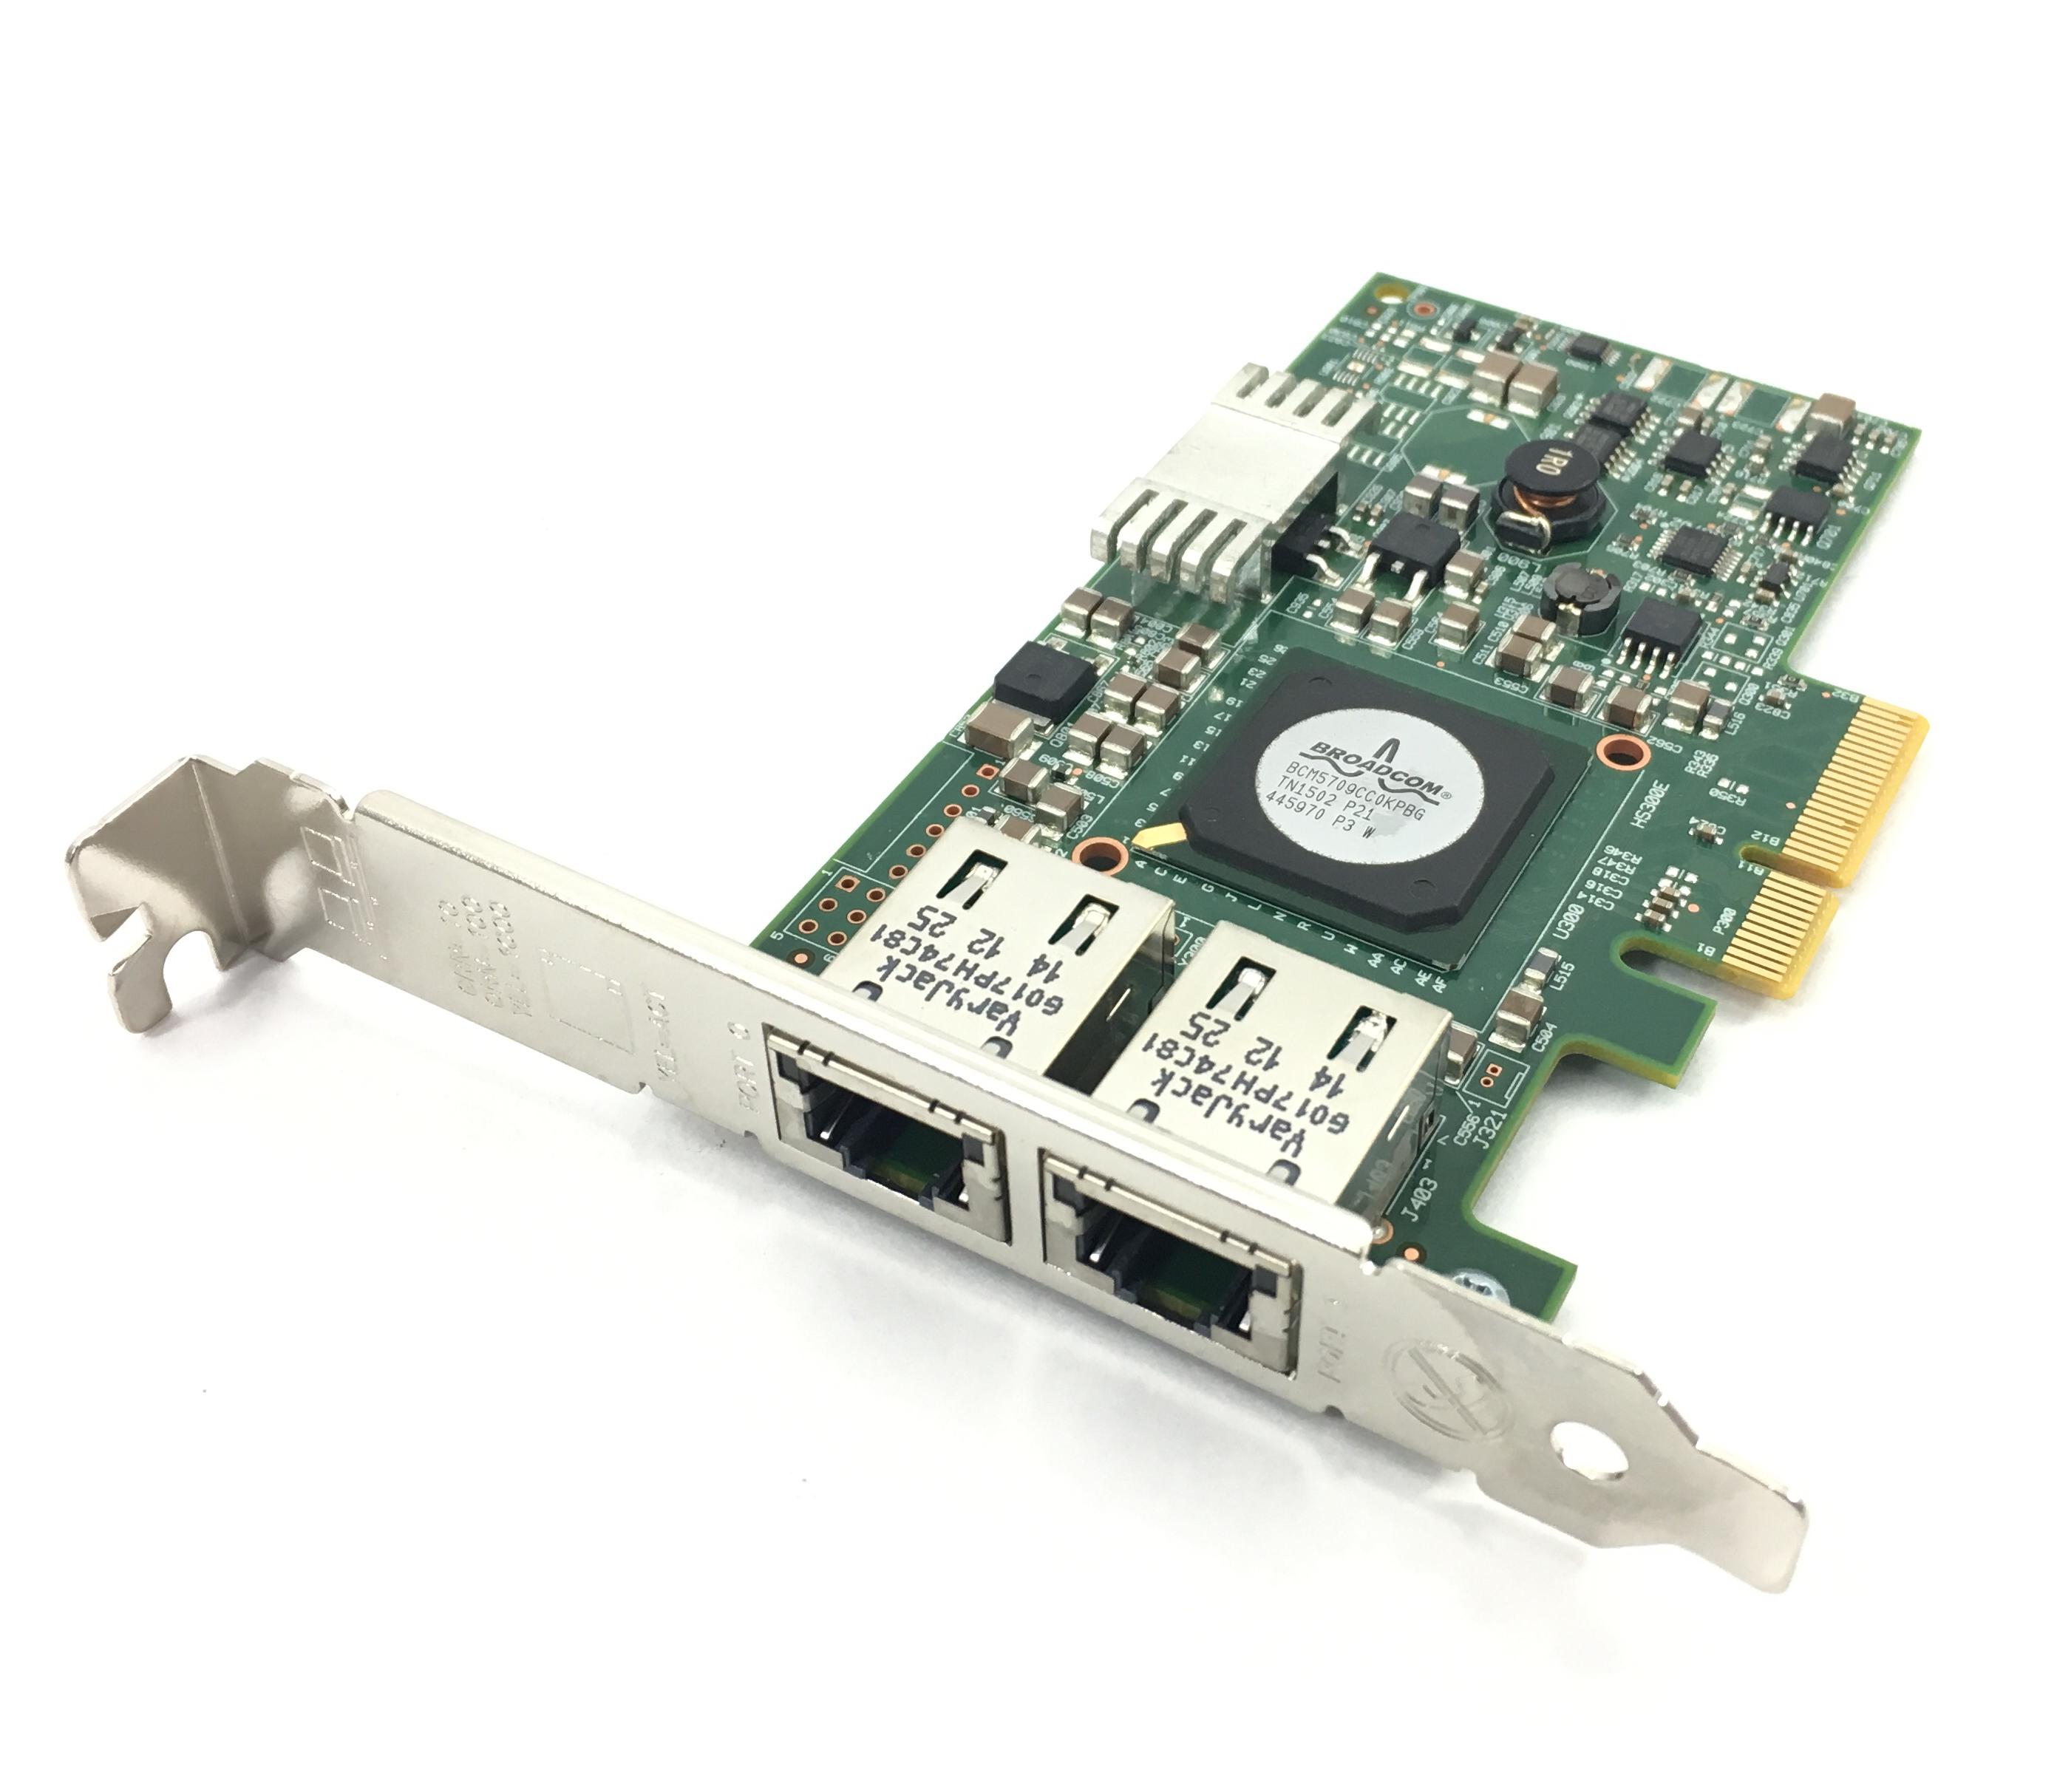 Cisco Broadcom 5709 Dual-Port Ethernet PCI-E Adpater For M3 Server (N2XX-ABPCI01-M3)